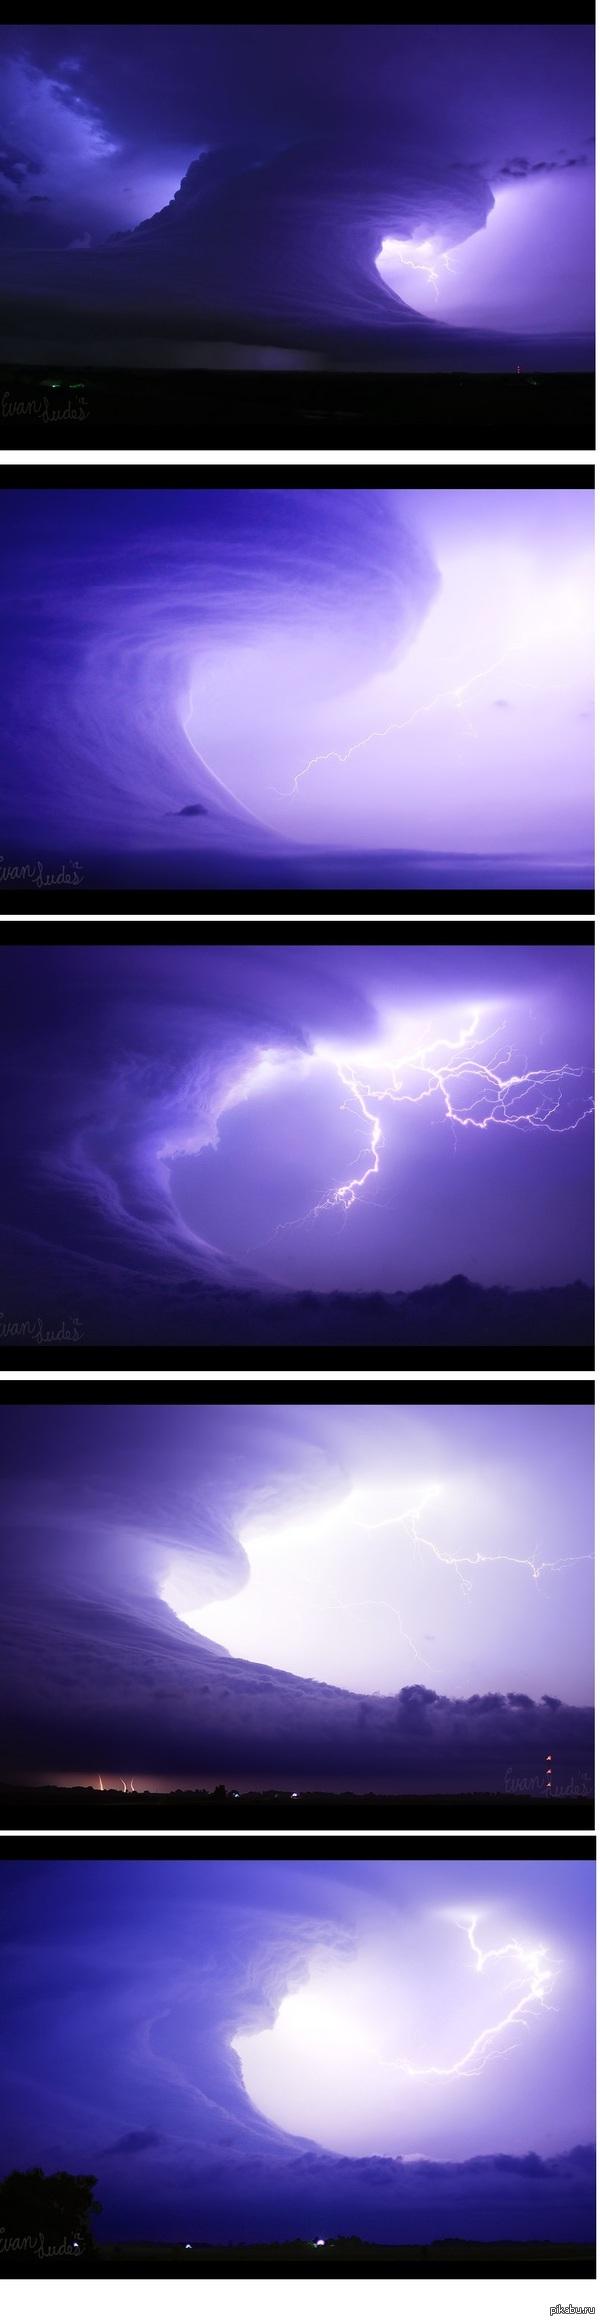 Грозовое цунами, суперячейка в штате Оклахома (США, 06.05.2012) Суперячейка – это очень мощная конвективное образование в атмосфере.